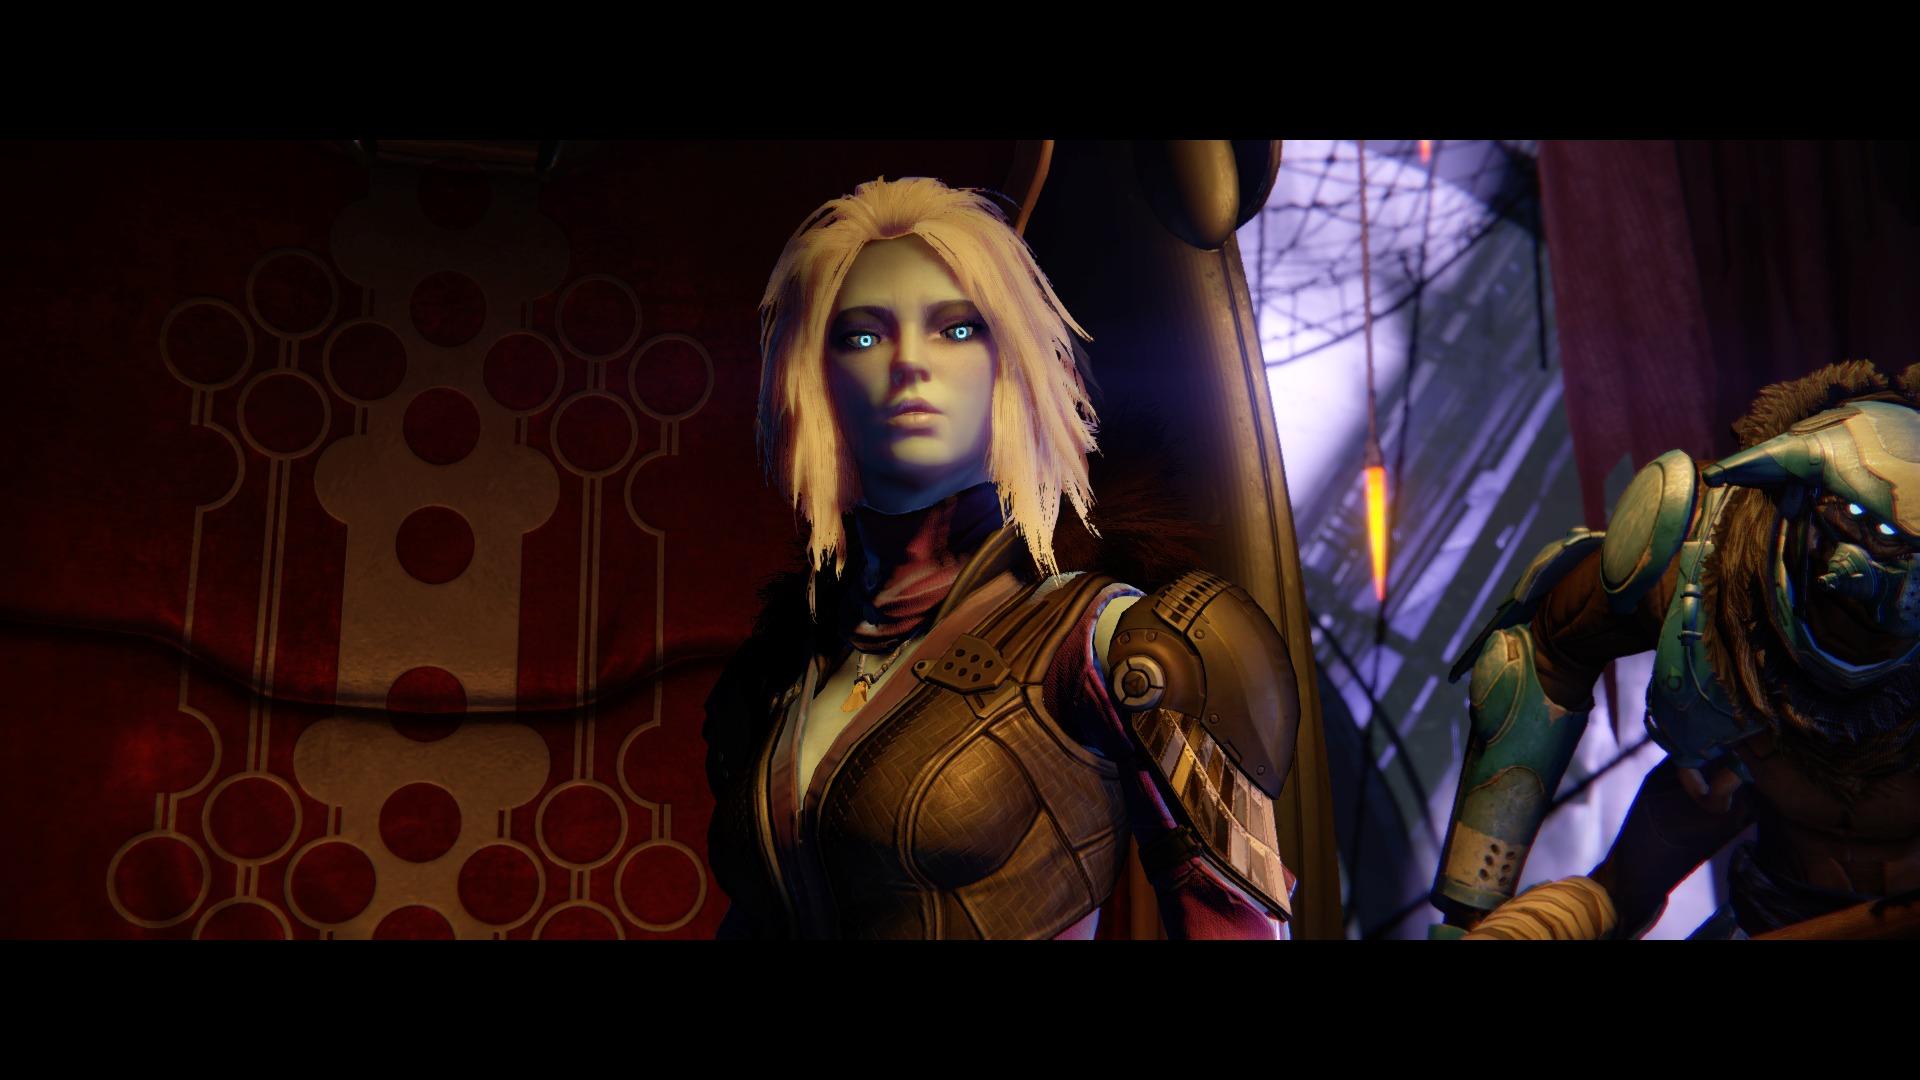 Destiny: Königin warnt, mit Haus der Wölfe stehen dunkle Zeiten bevor